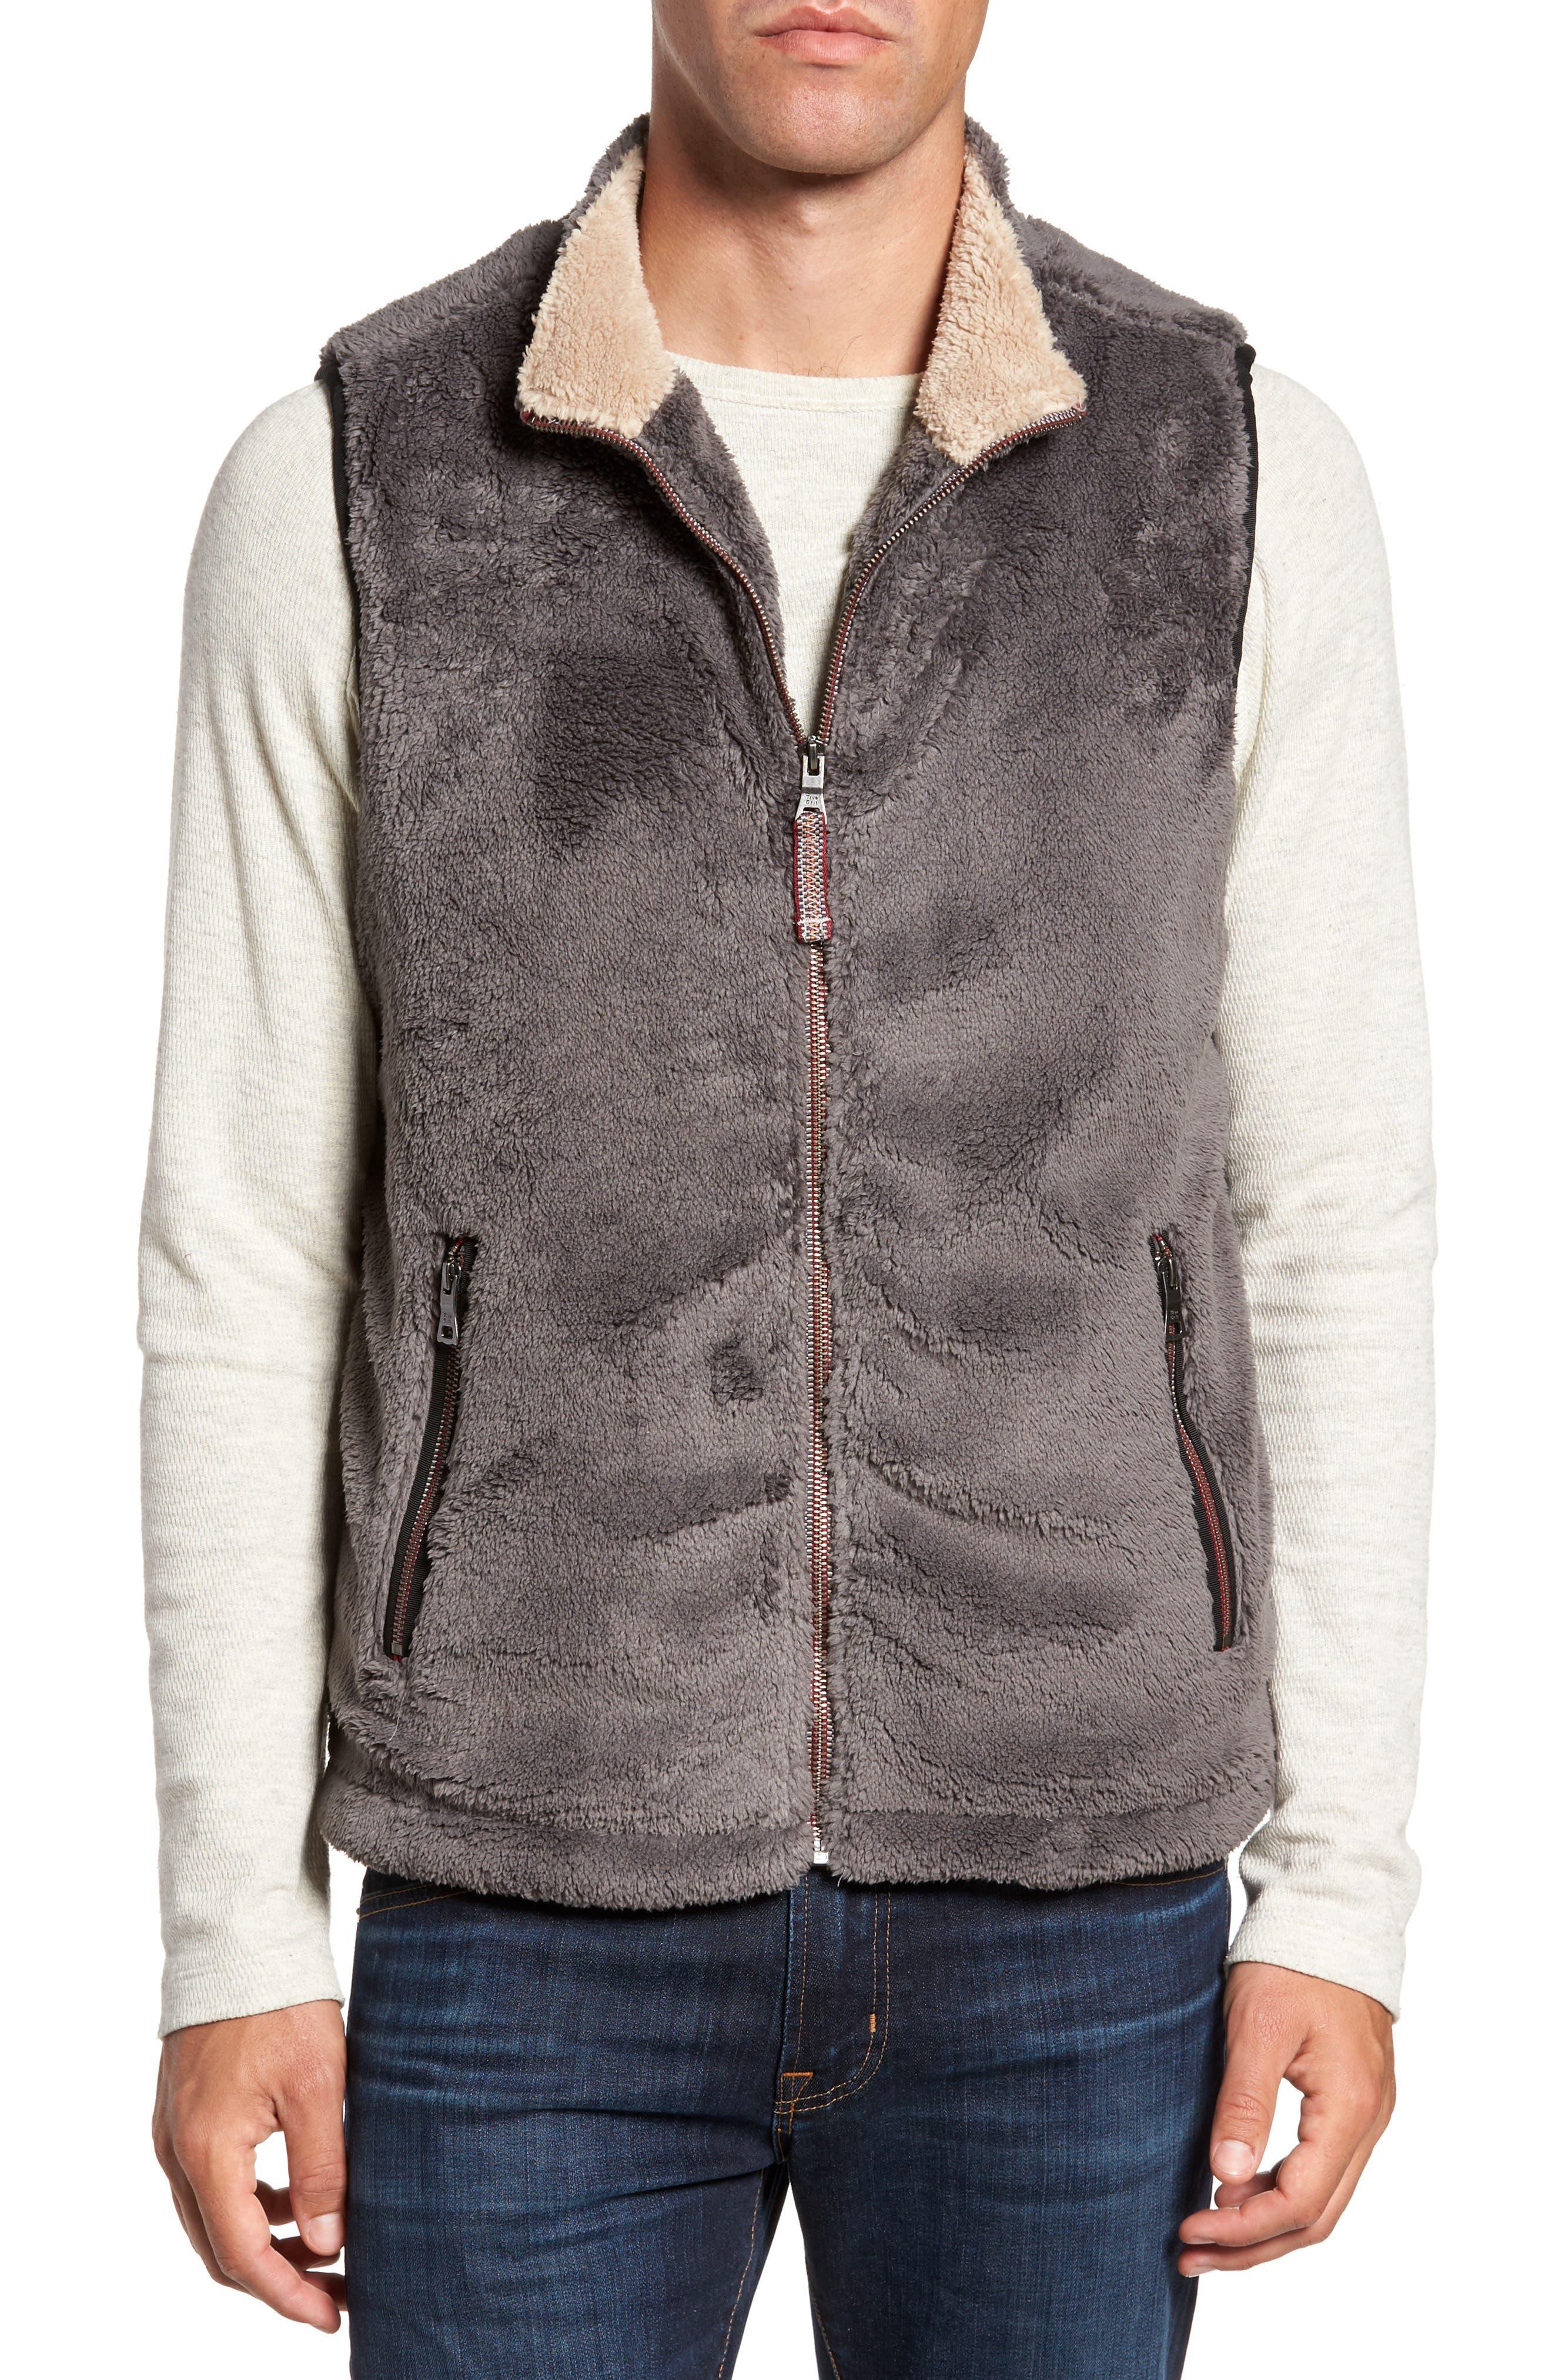 Alternate Image 1 Selected - True Grit Double Up Pebble Pile Faux Fur Vest